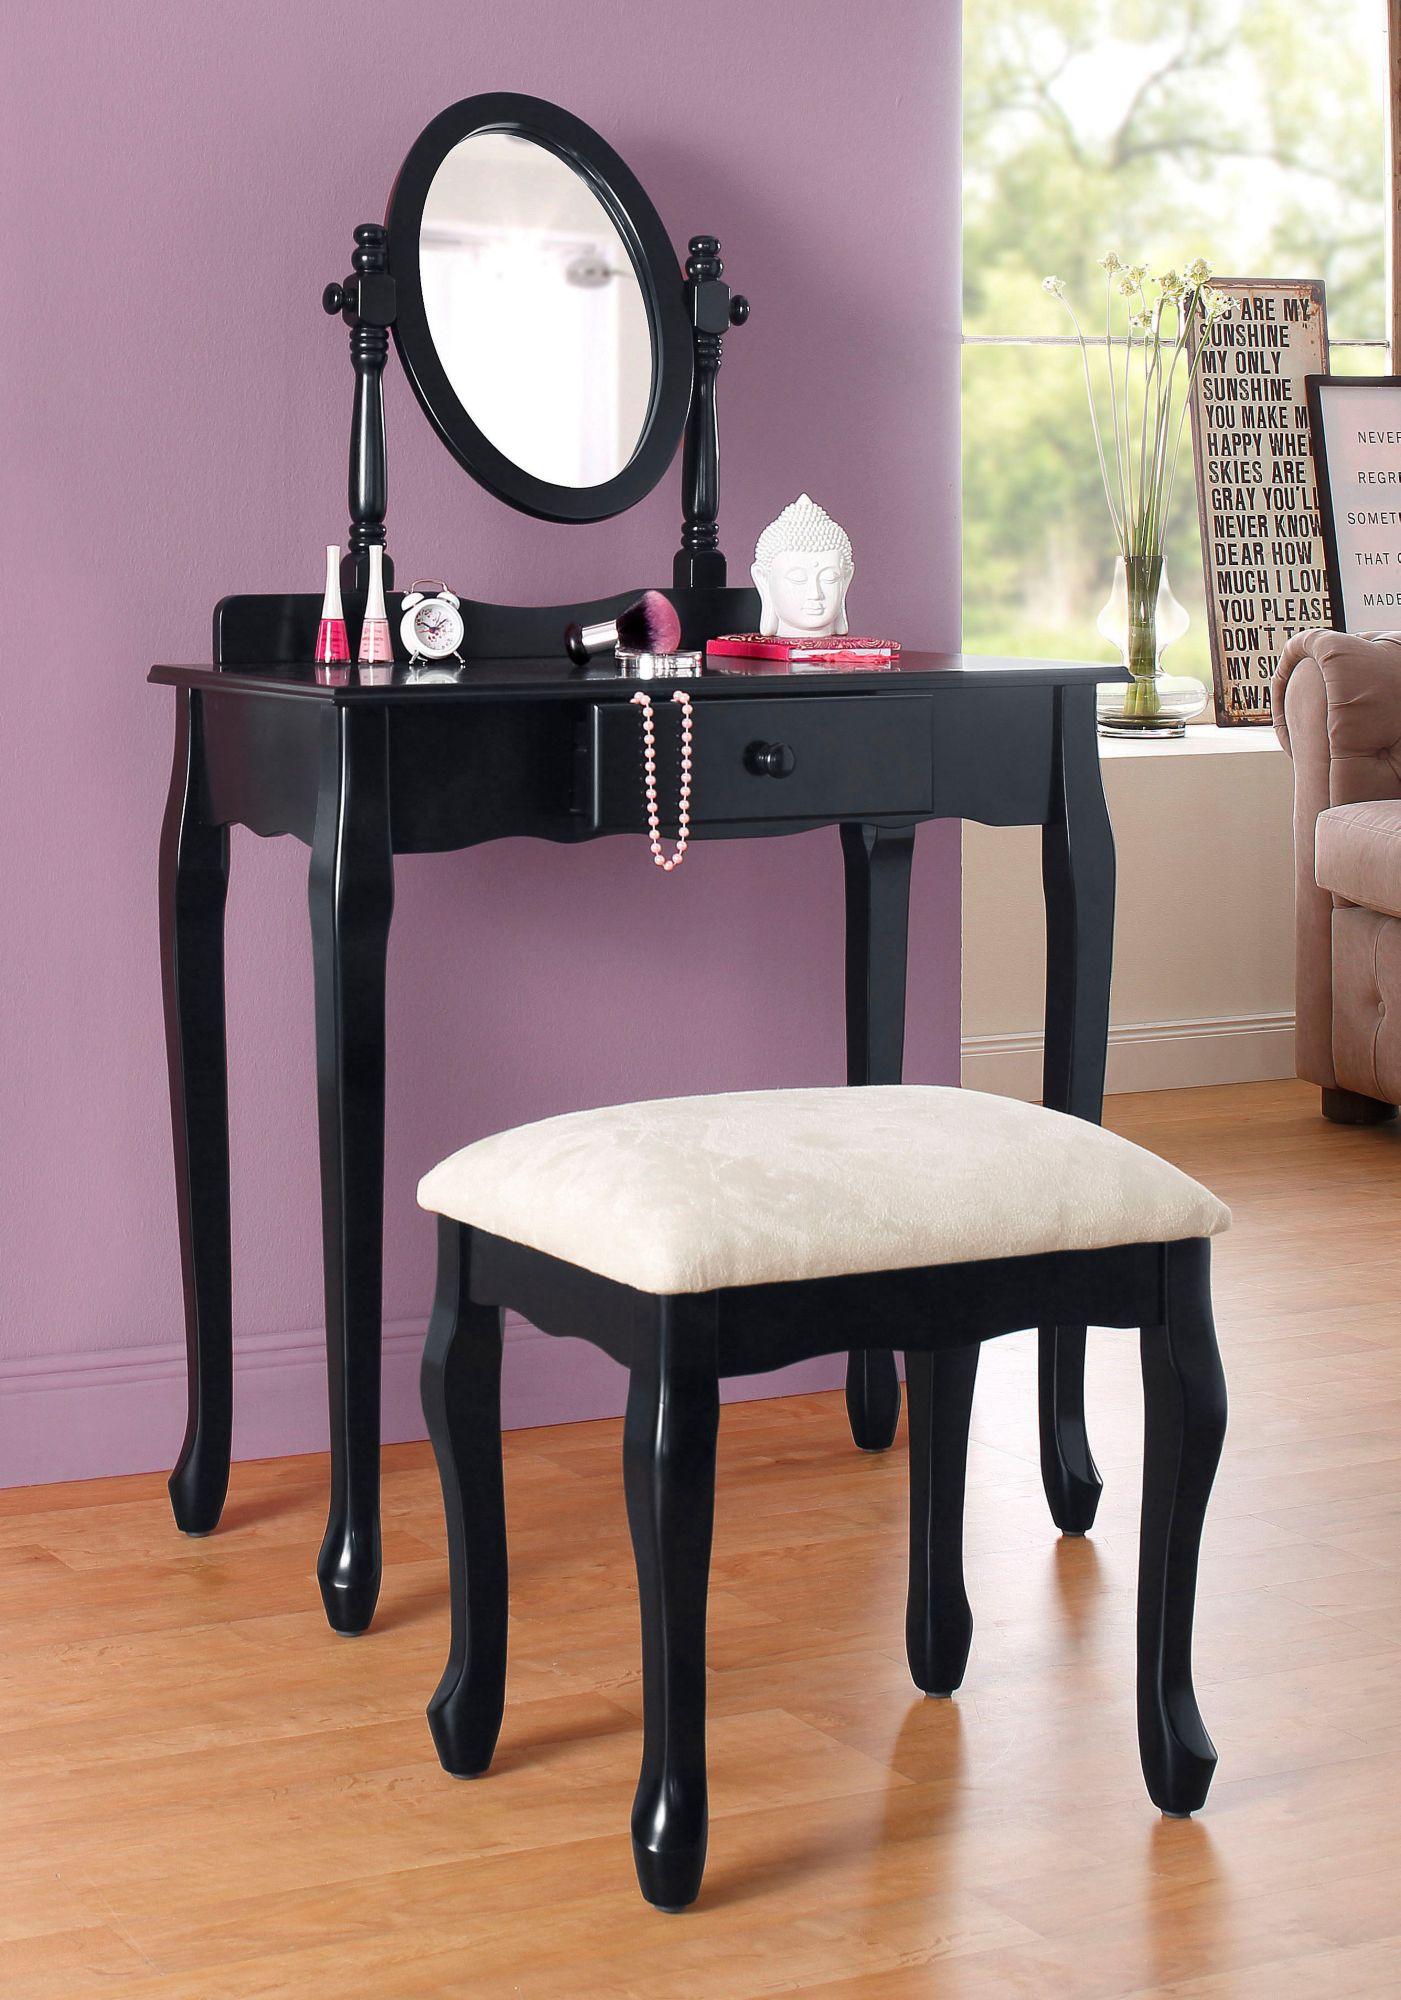 schminktisch g nstig online kaufen beim schwab versand. Black Bedroom Furniture Sets. Home Design Ideas